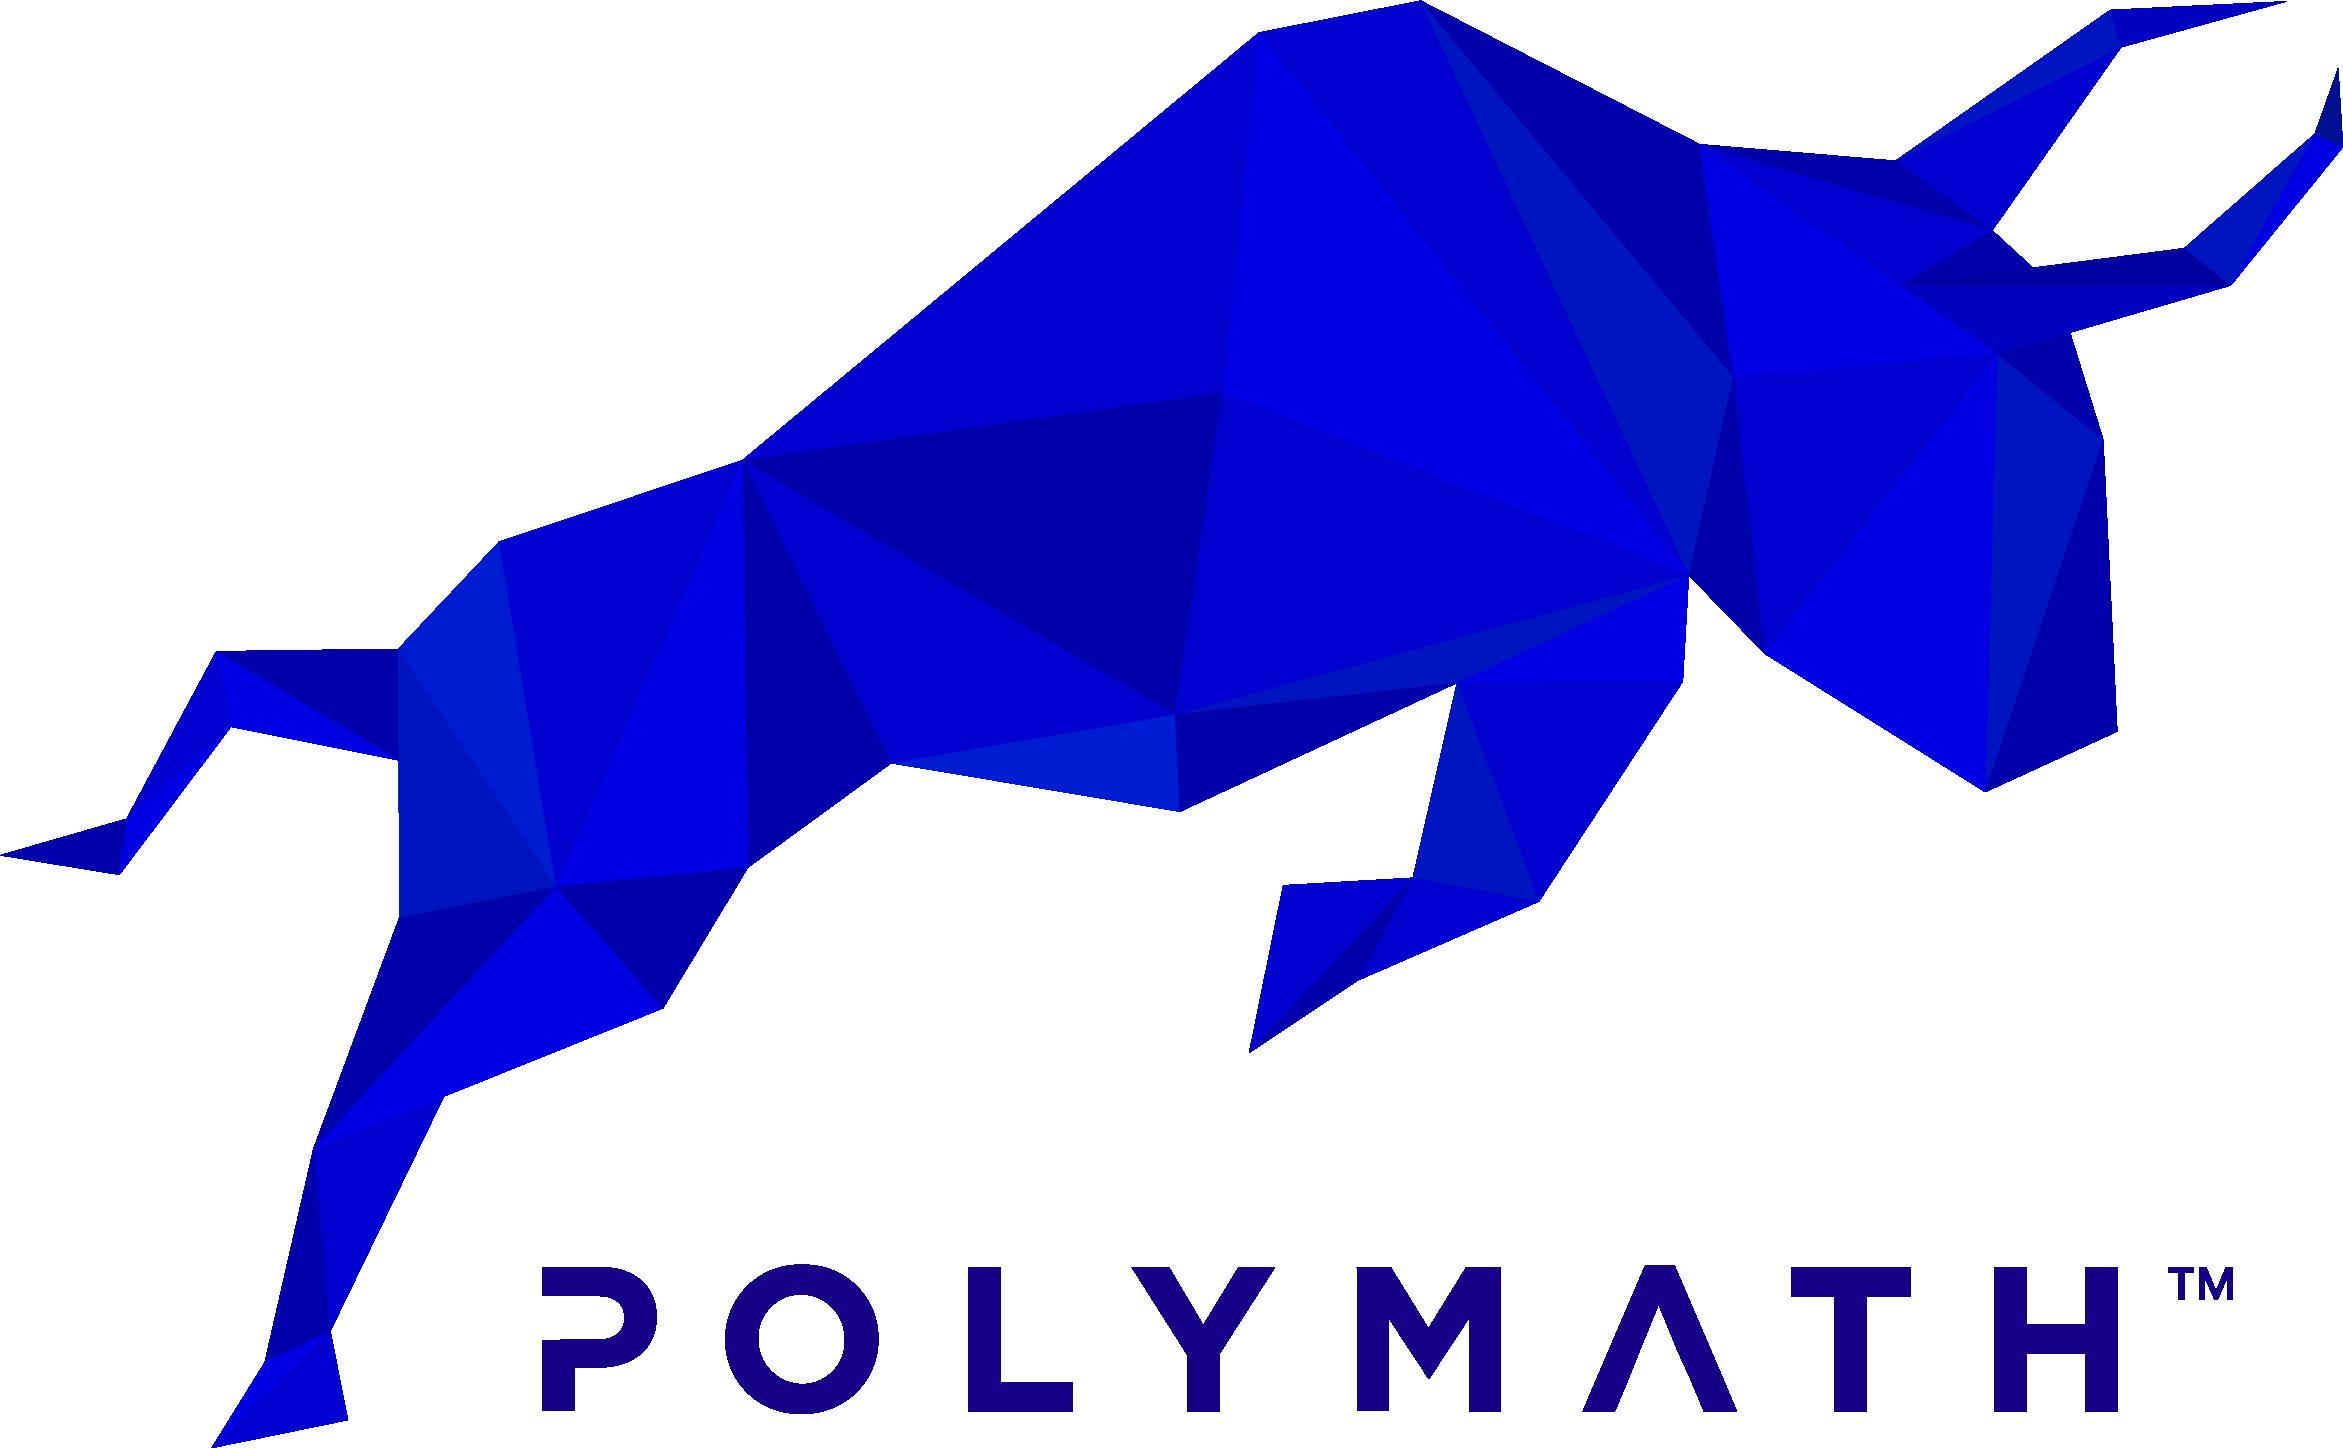 Polymath_Blue Taurus + Wordmark